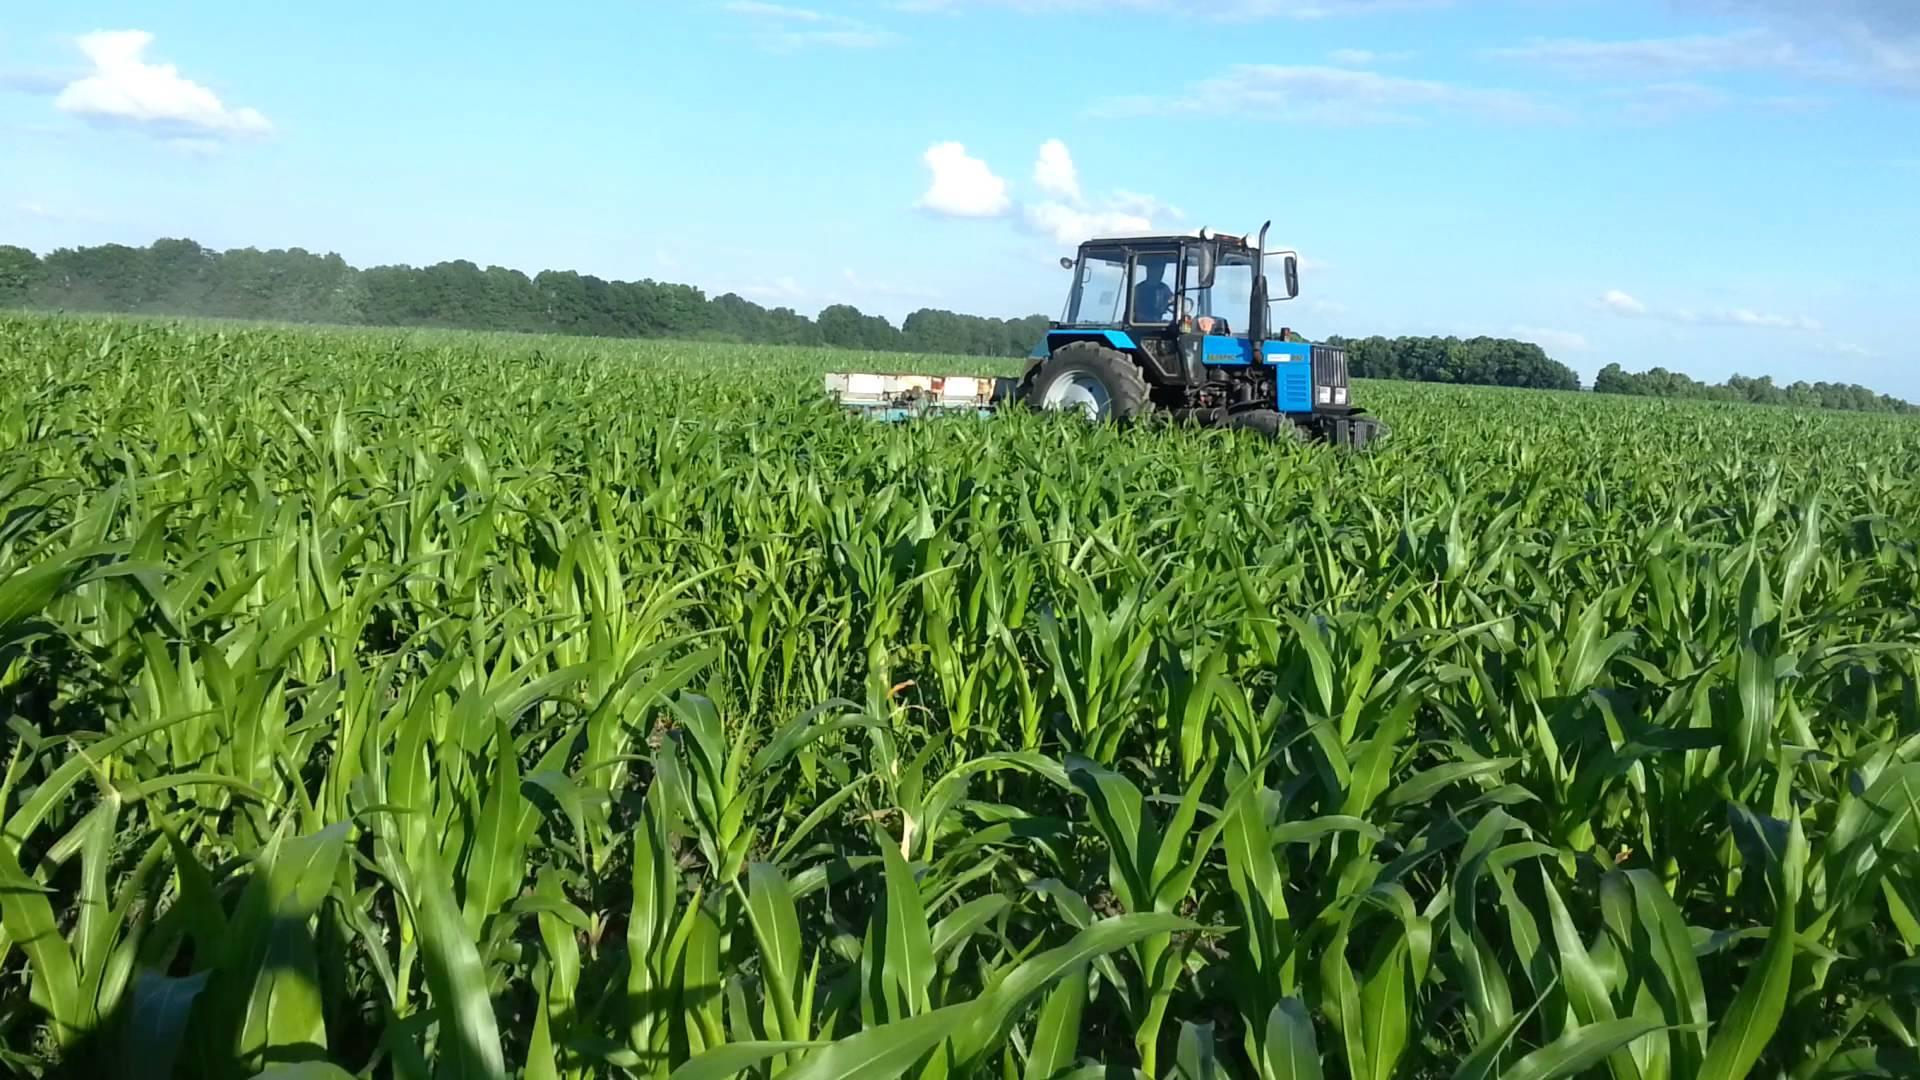 Кукуруза на силос: технология возделывания, рекомендуемые сорта и сроки сбора урожая